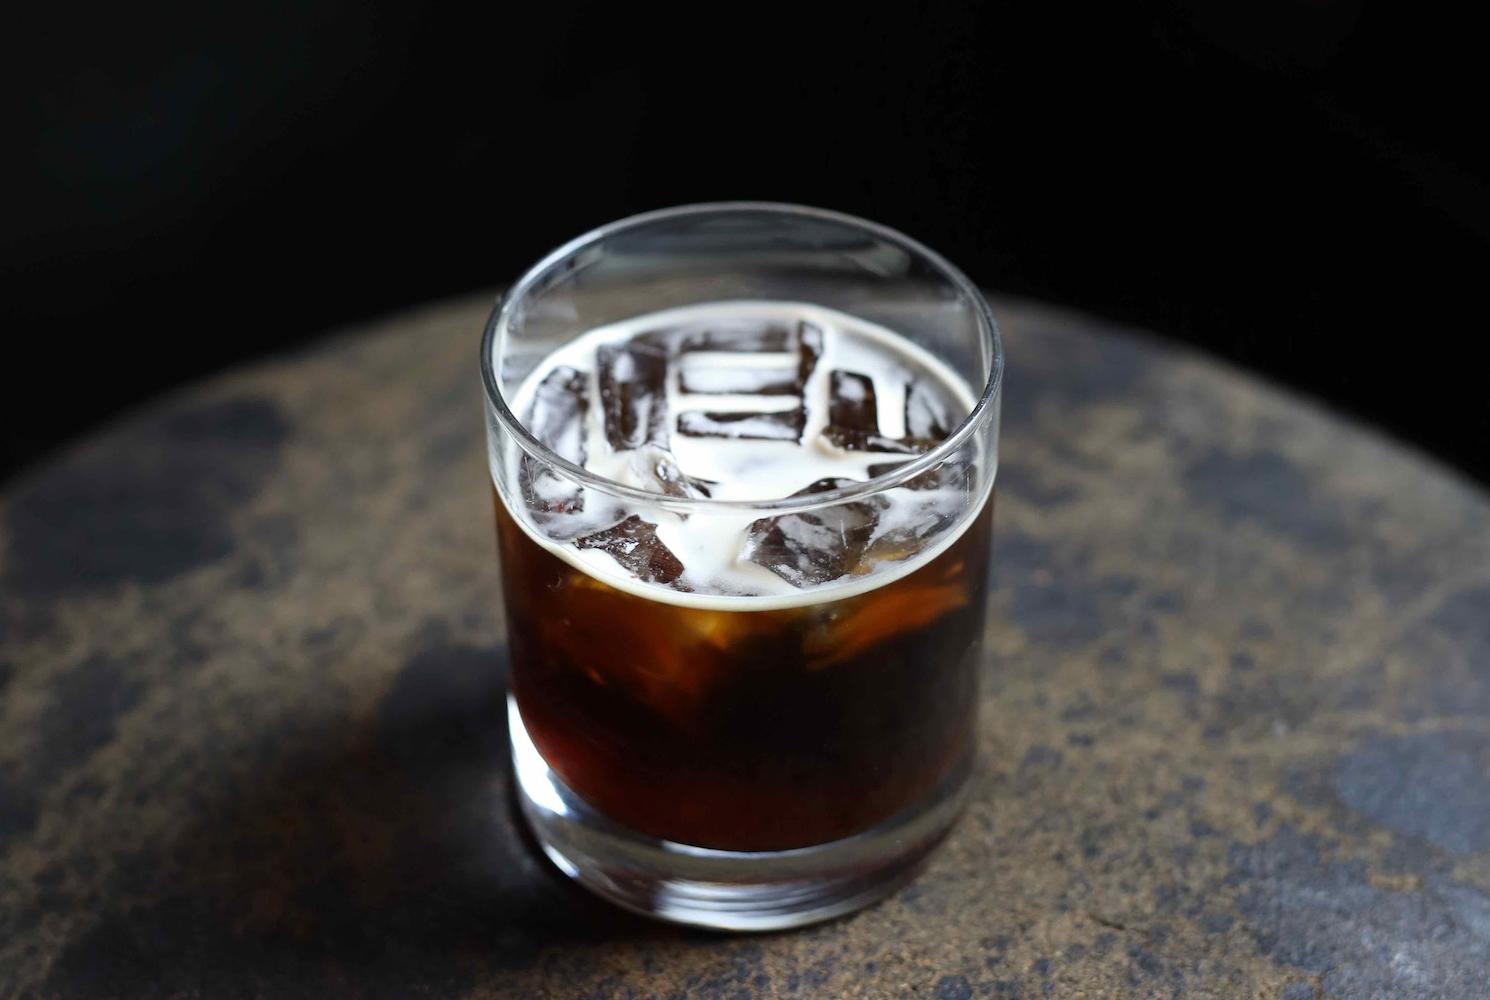 Wer sagt, dass Kaffee heiß sein muss? Rezept für Cold Brew (Slushy)